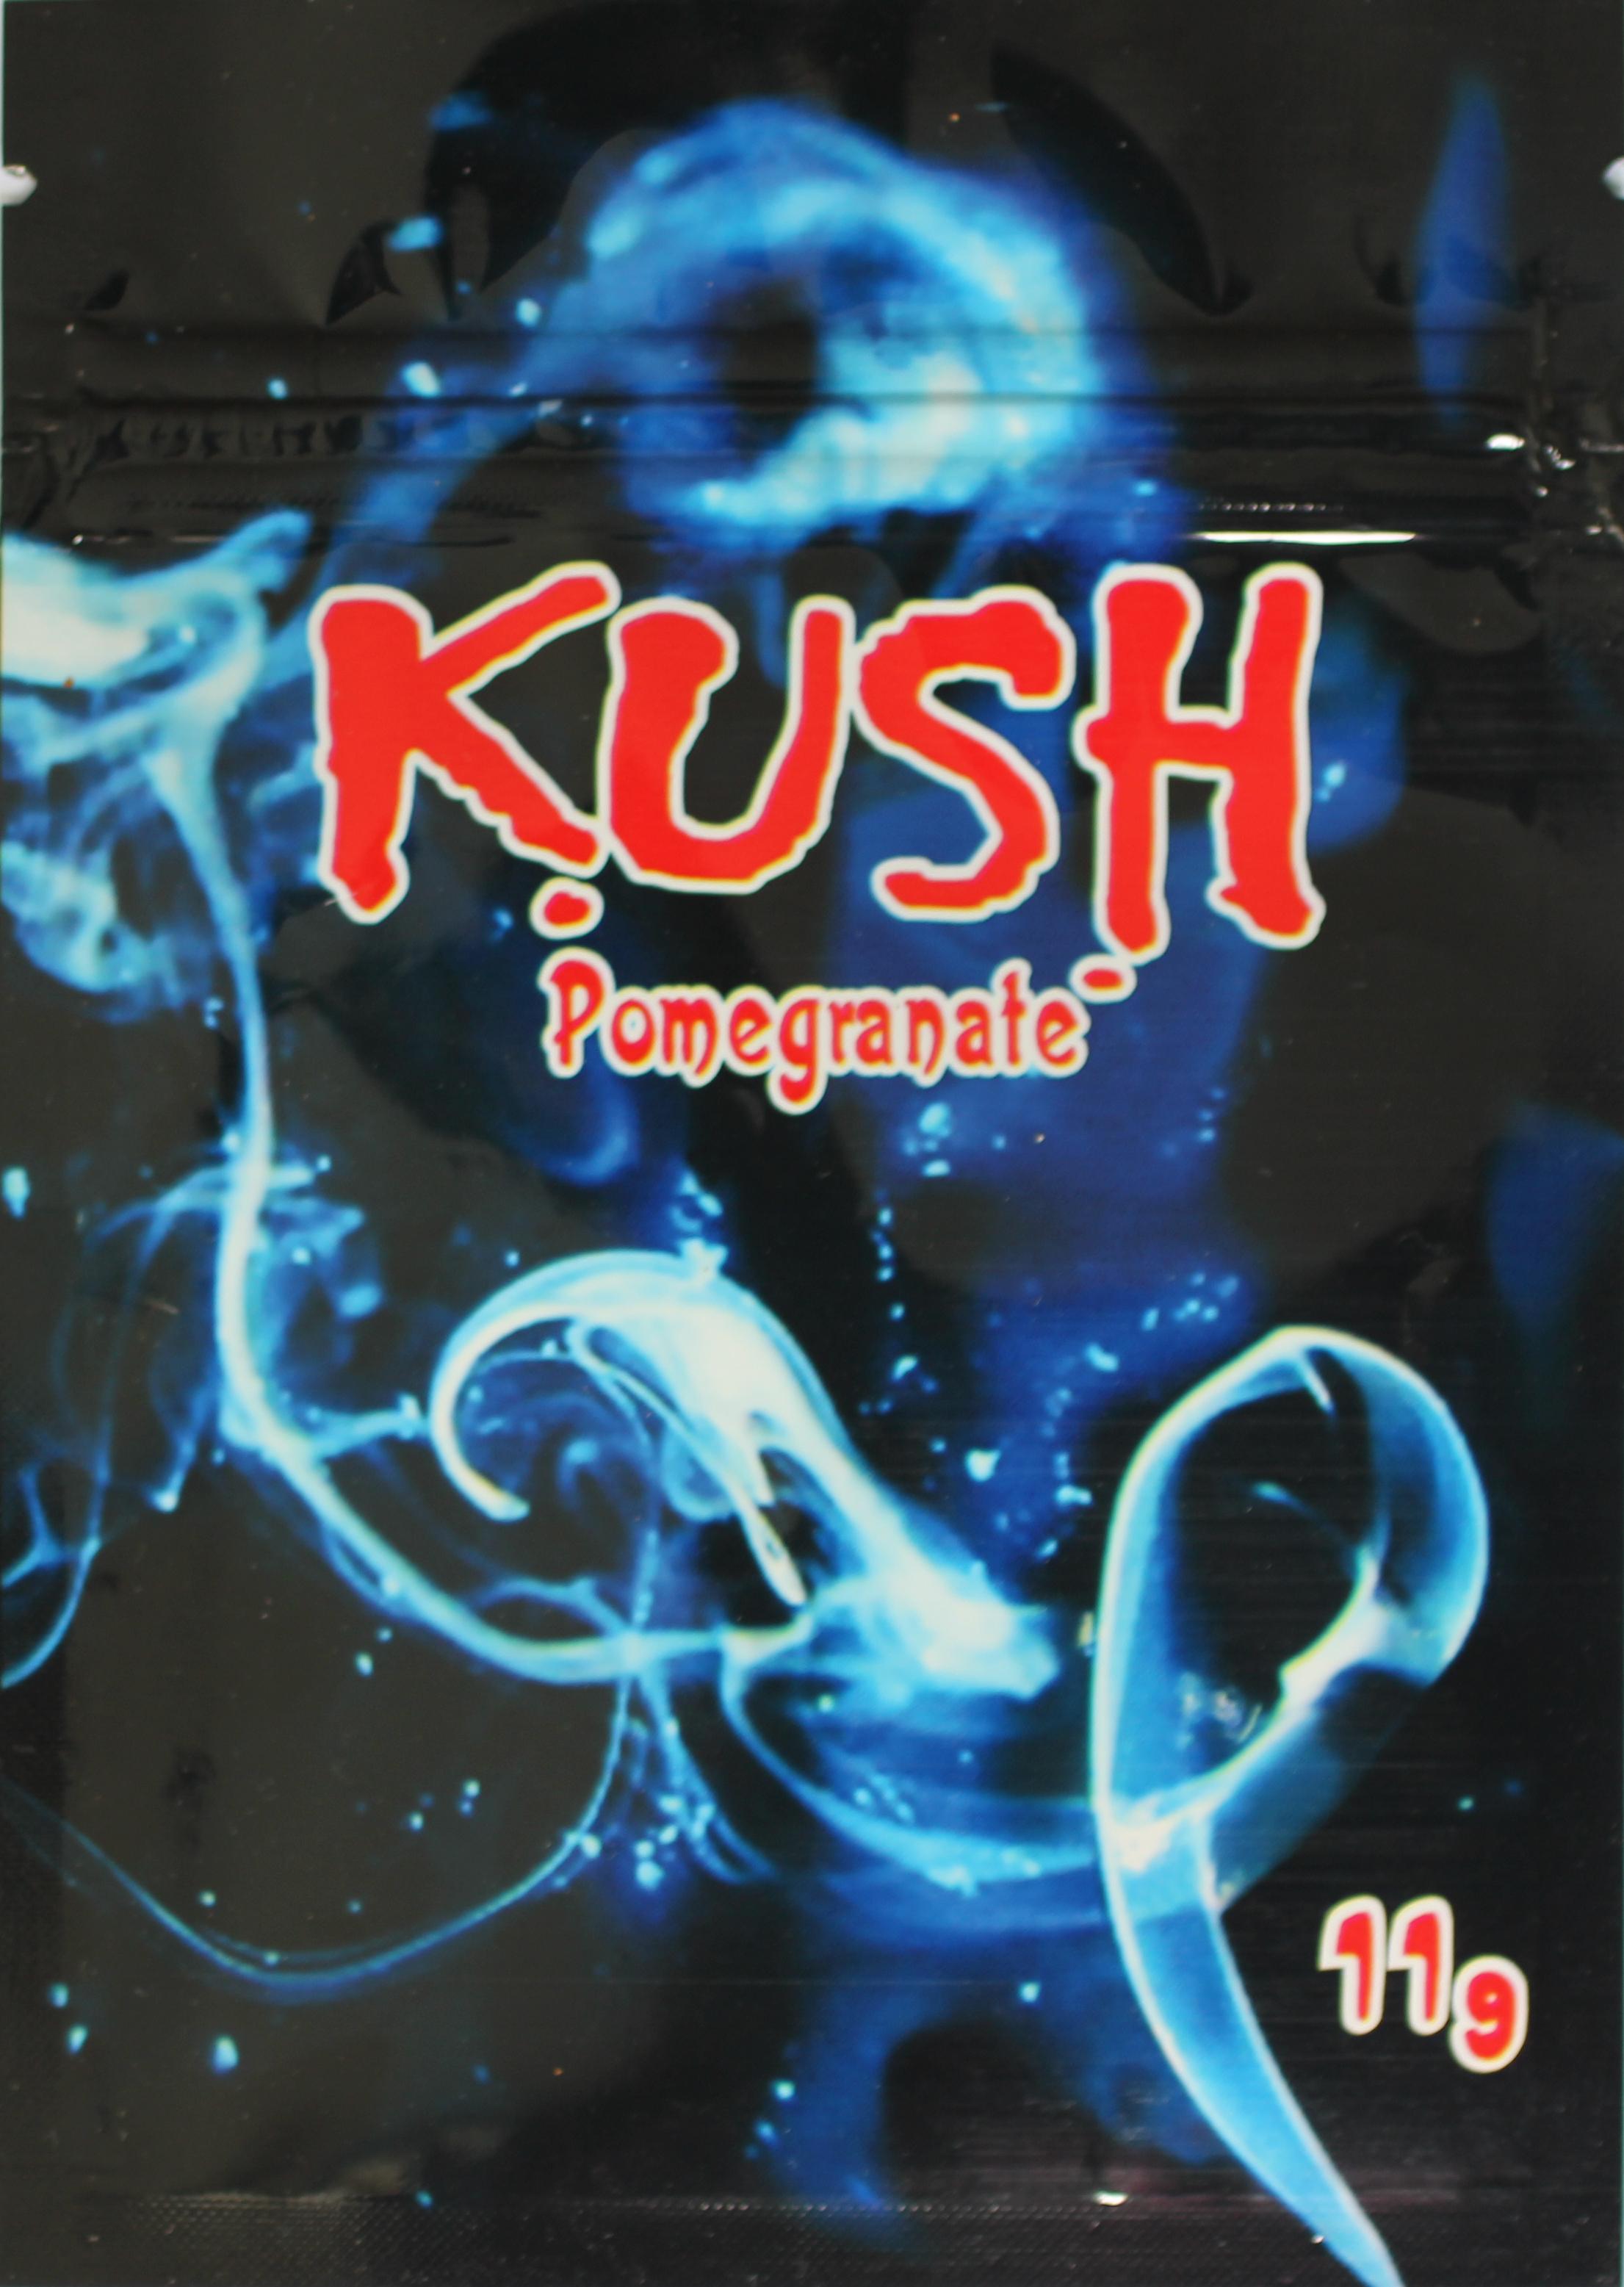 Kush Pomegranate Verpackung